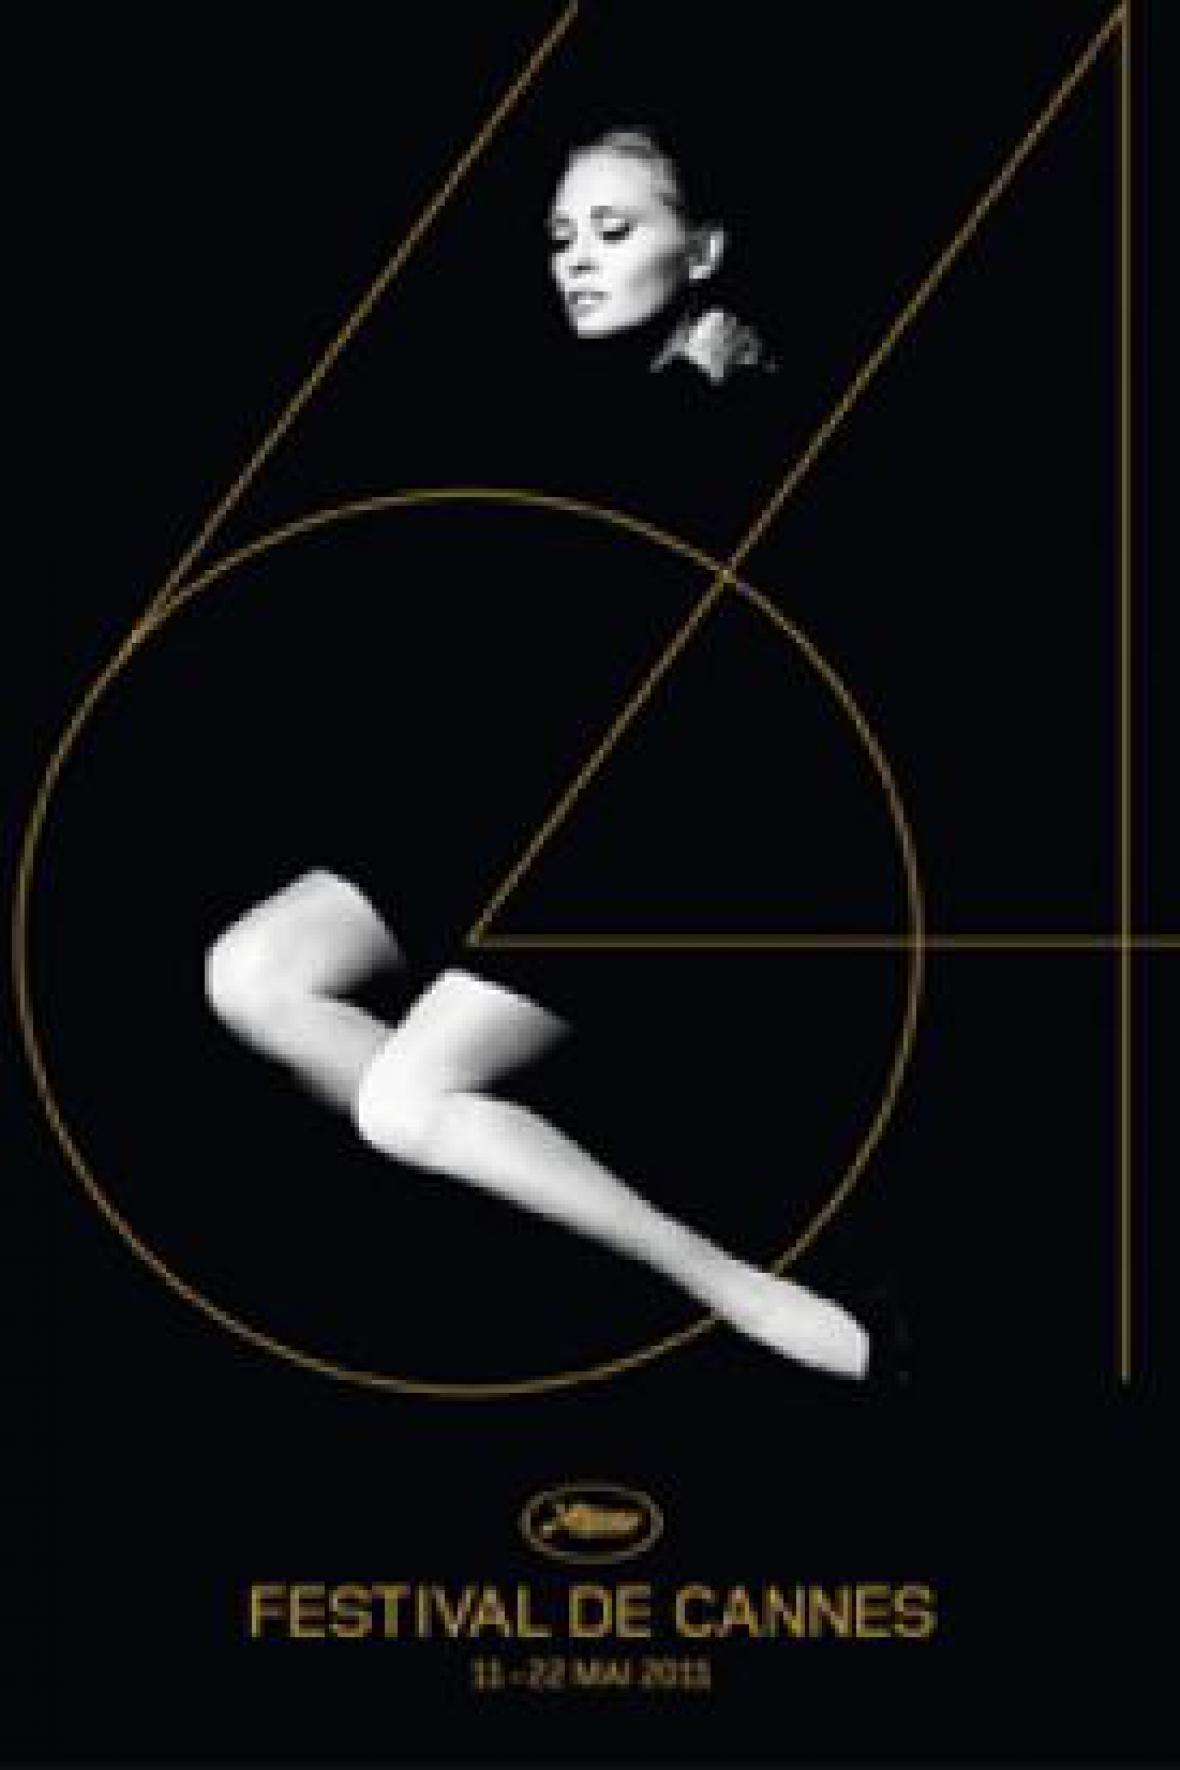 Plakát festivalu v Cannes 2011